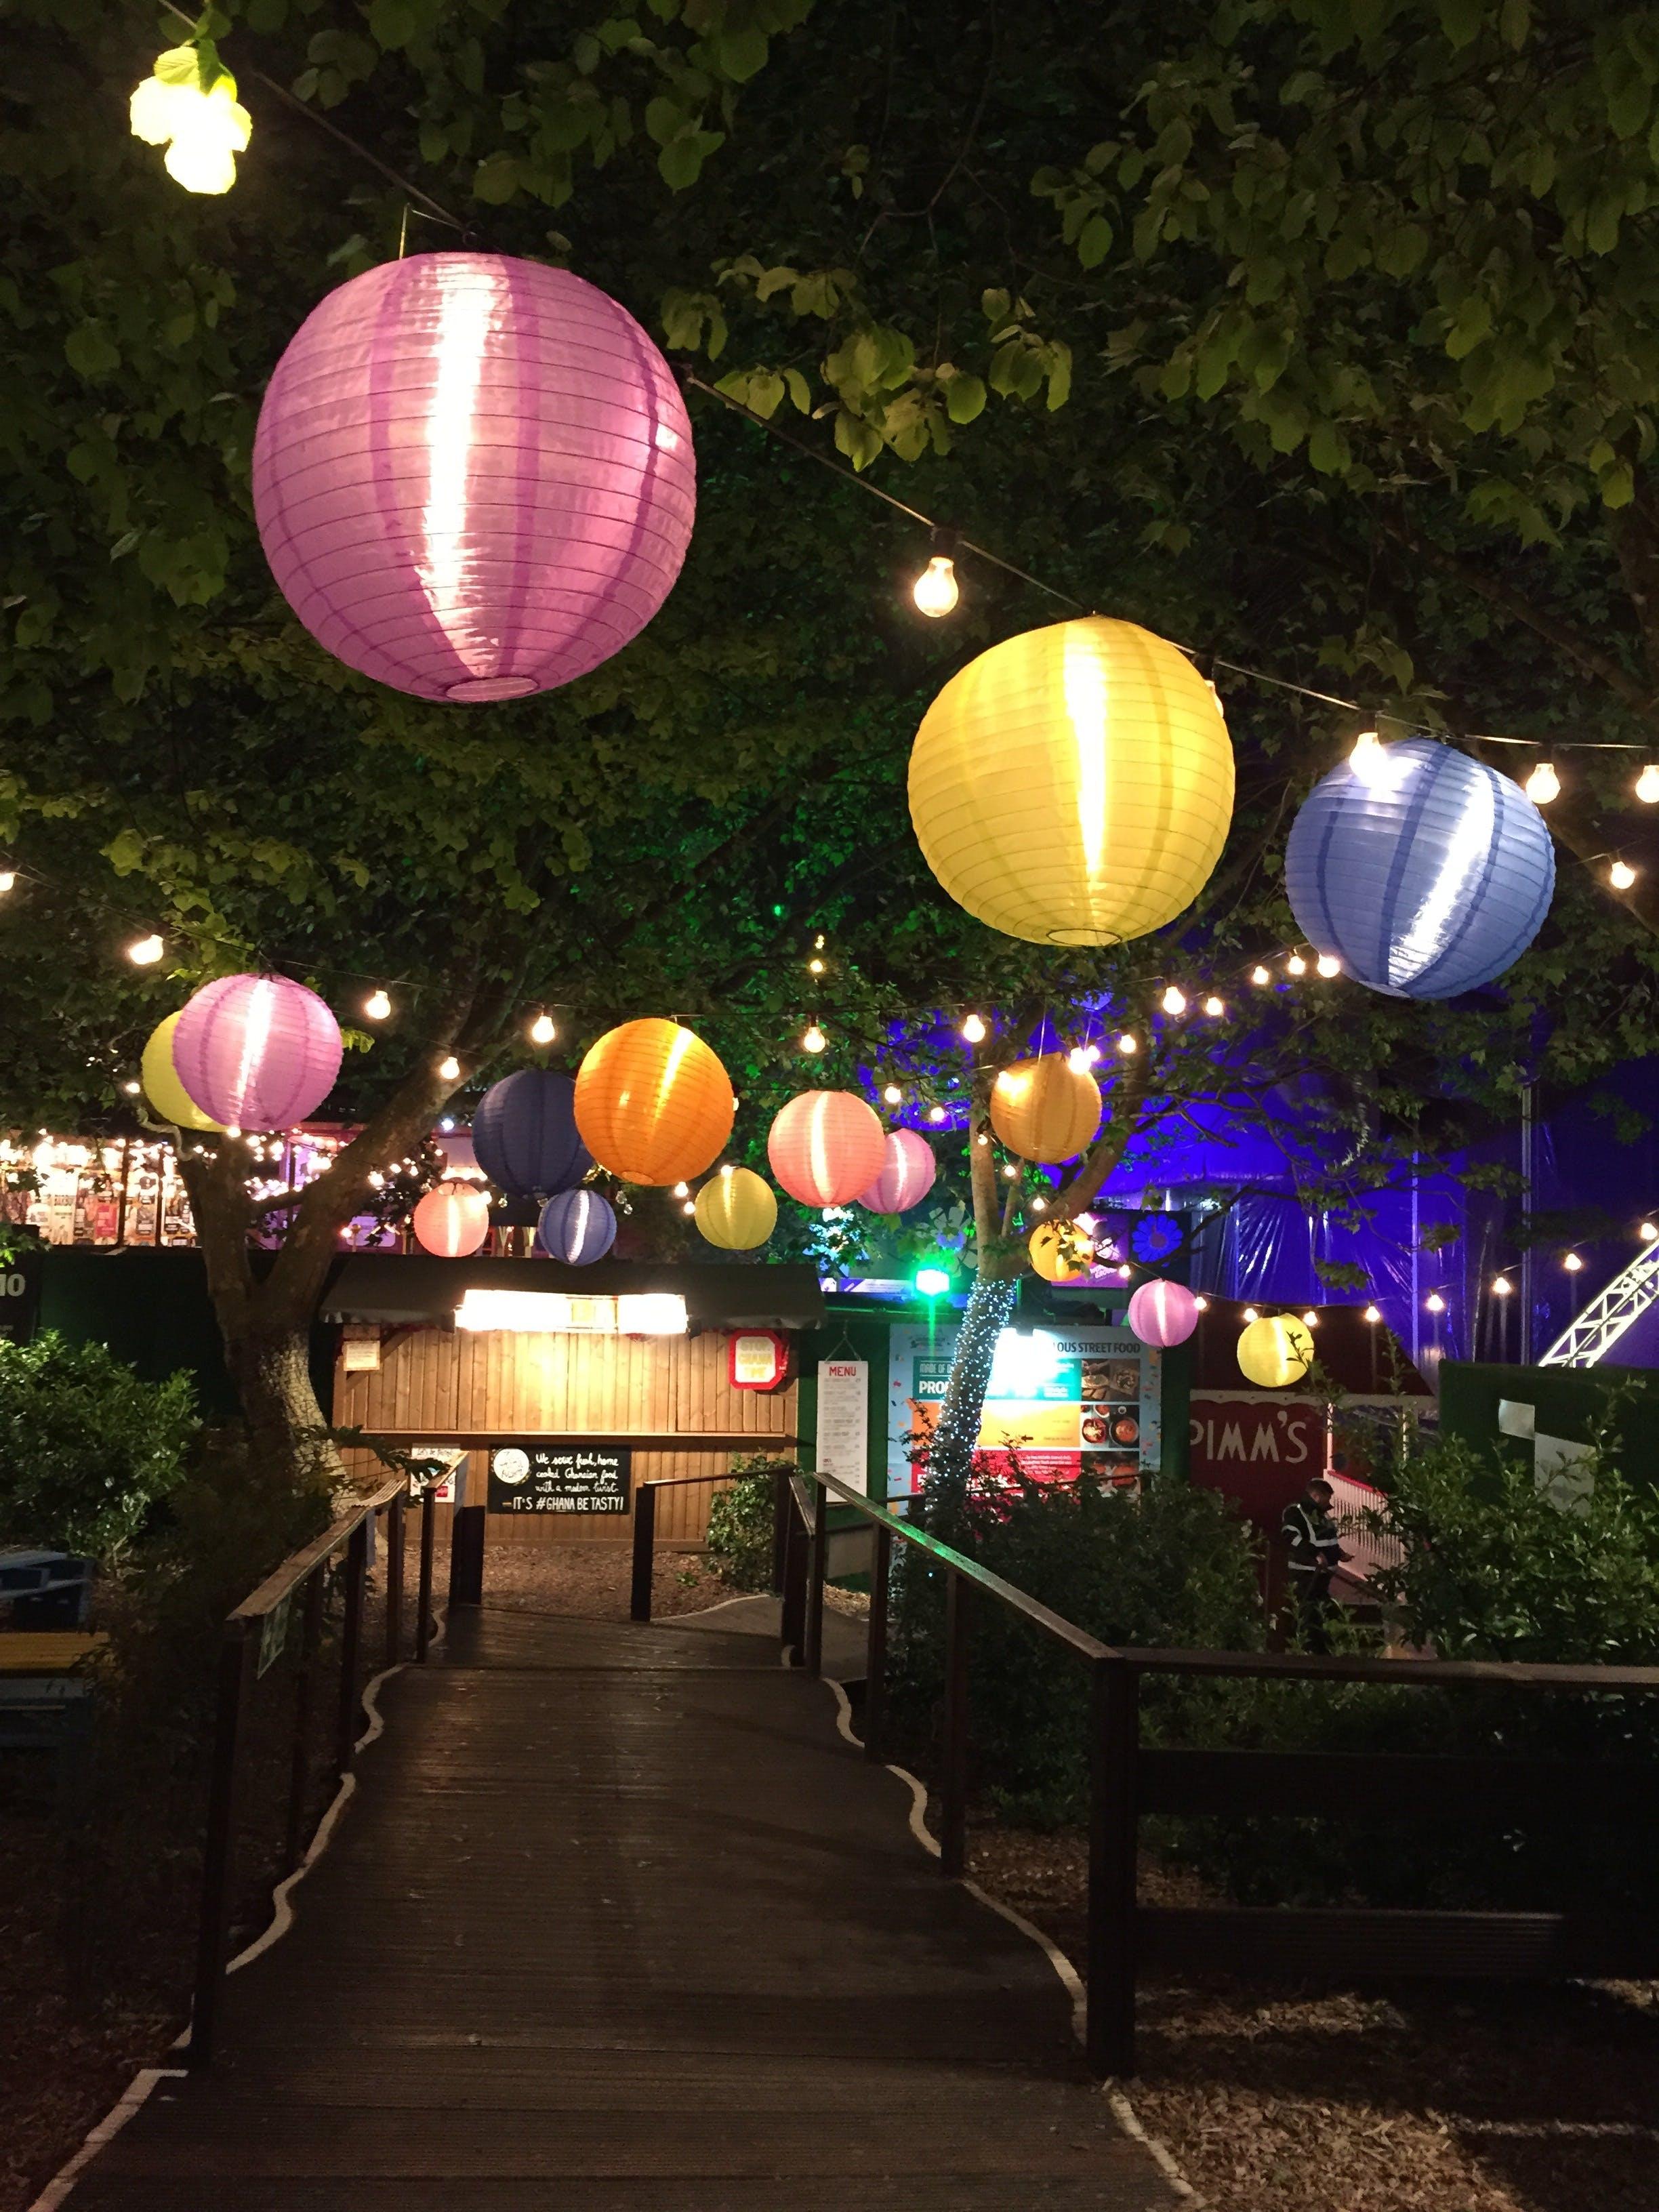 Kostenloses Stock Foto zu restaurant, natur, ferien, beleuchtung